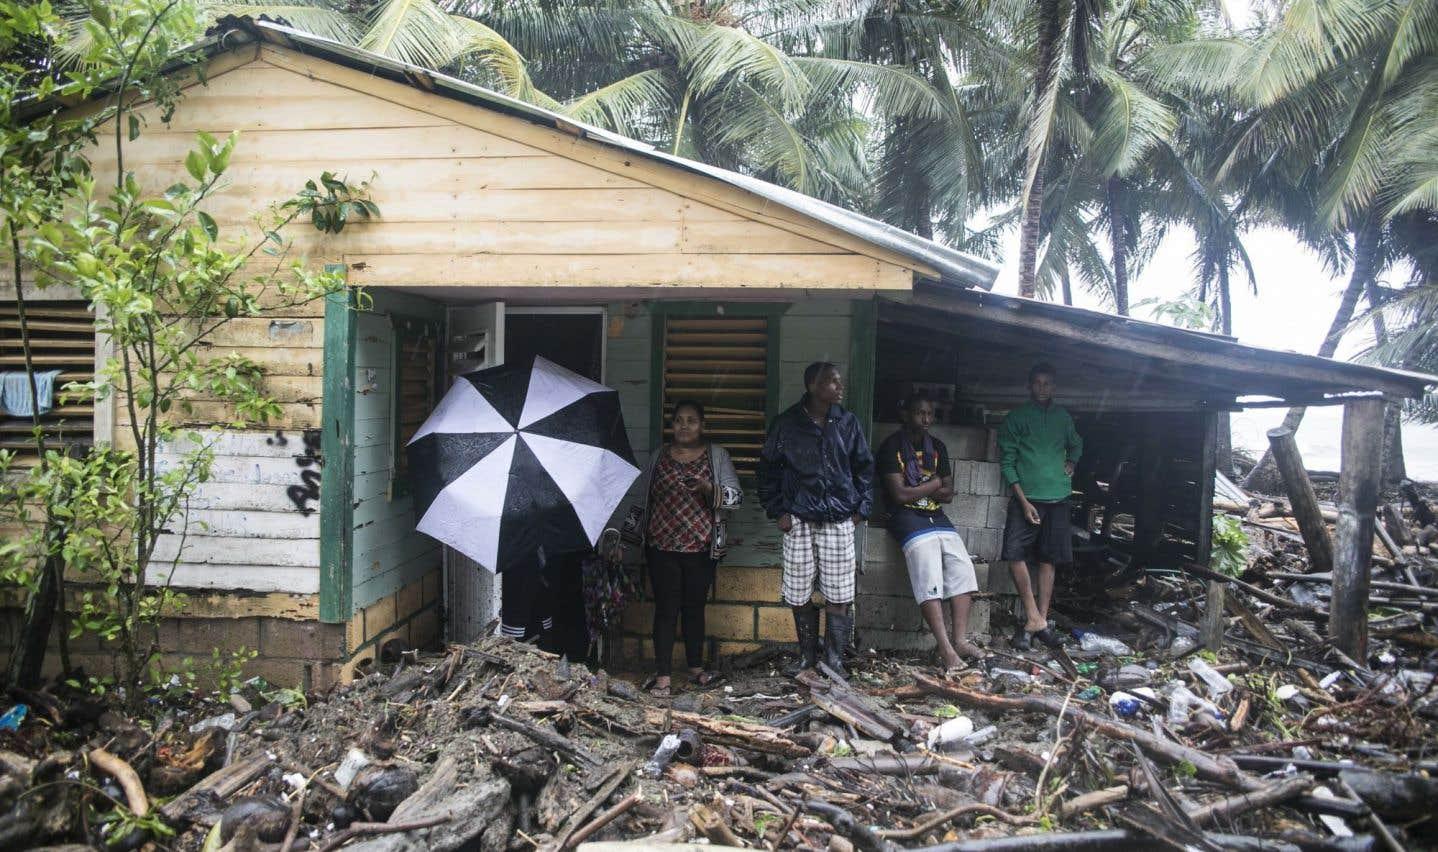 Les dégâts d'«Irma» en images